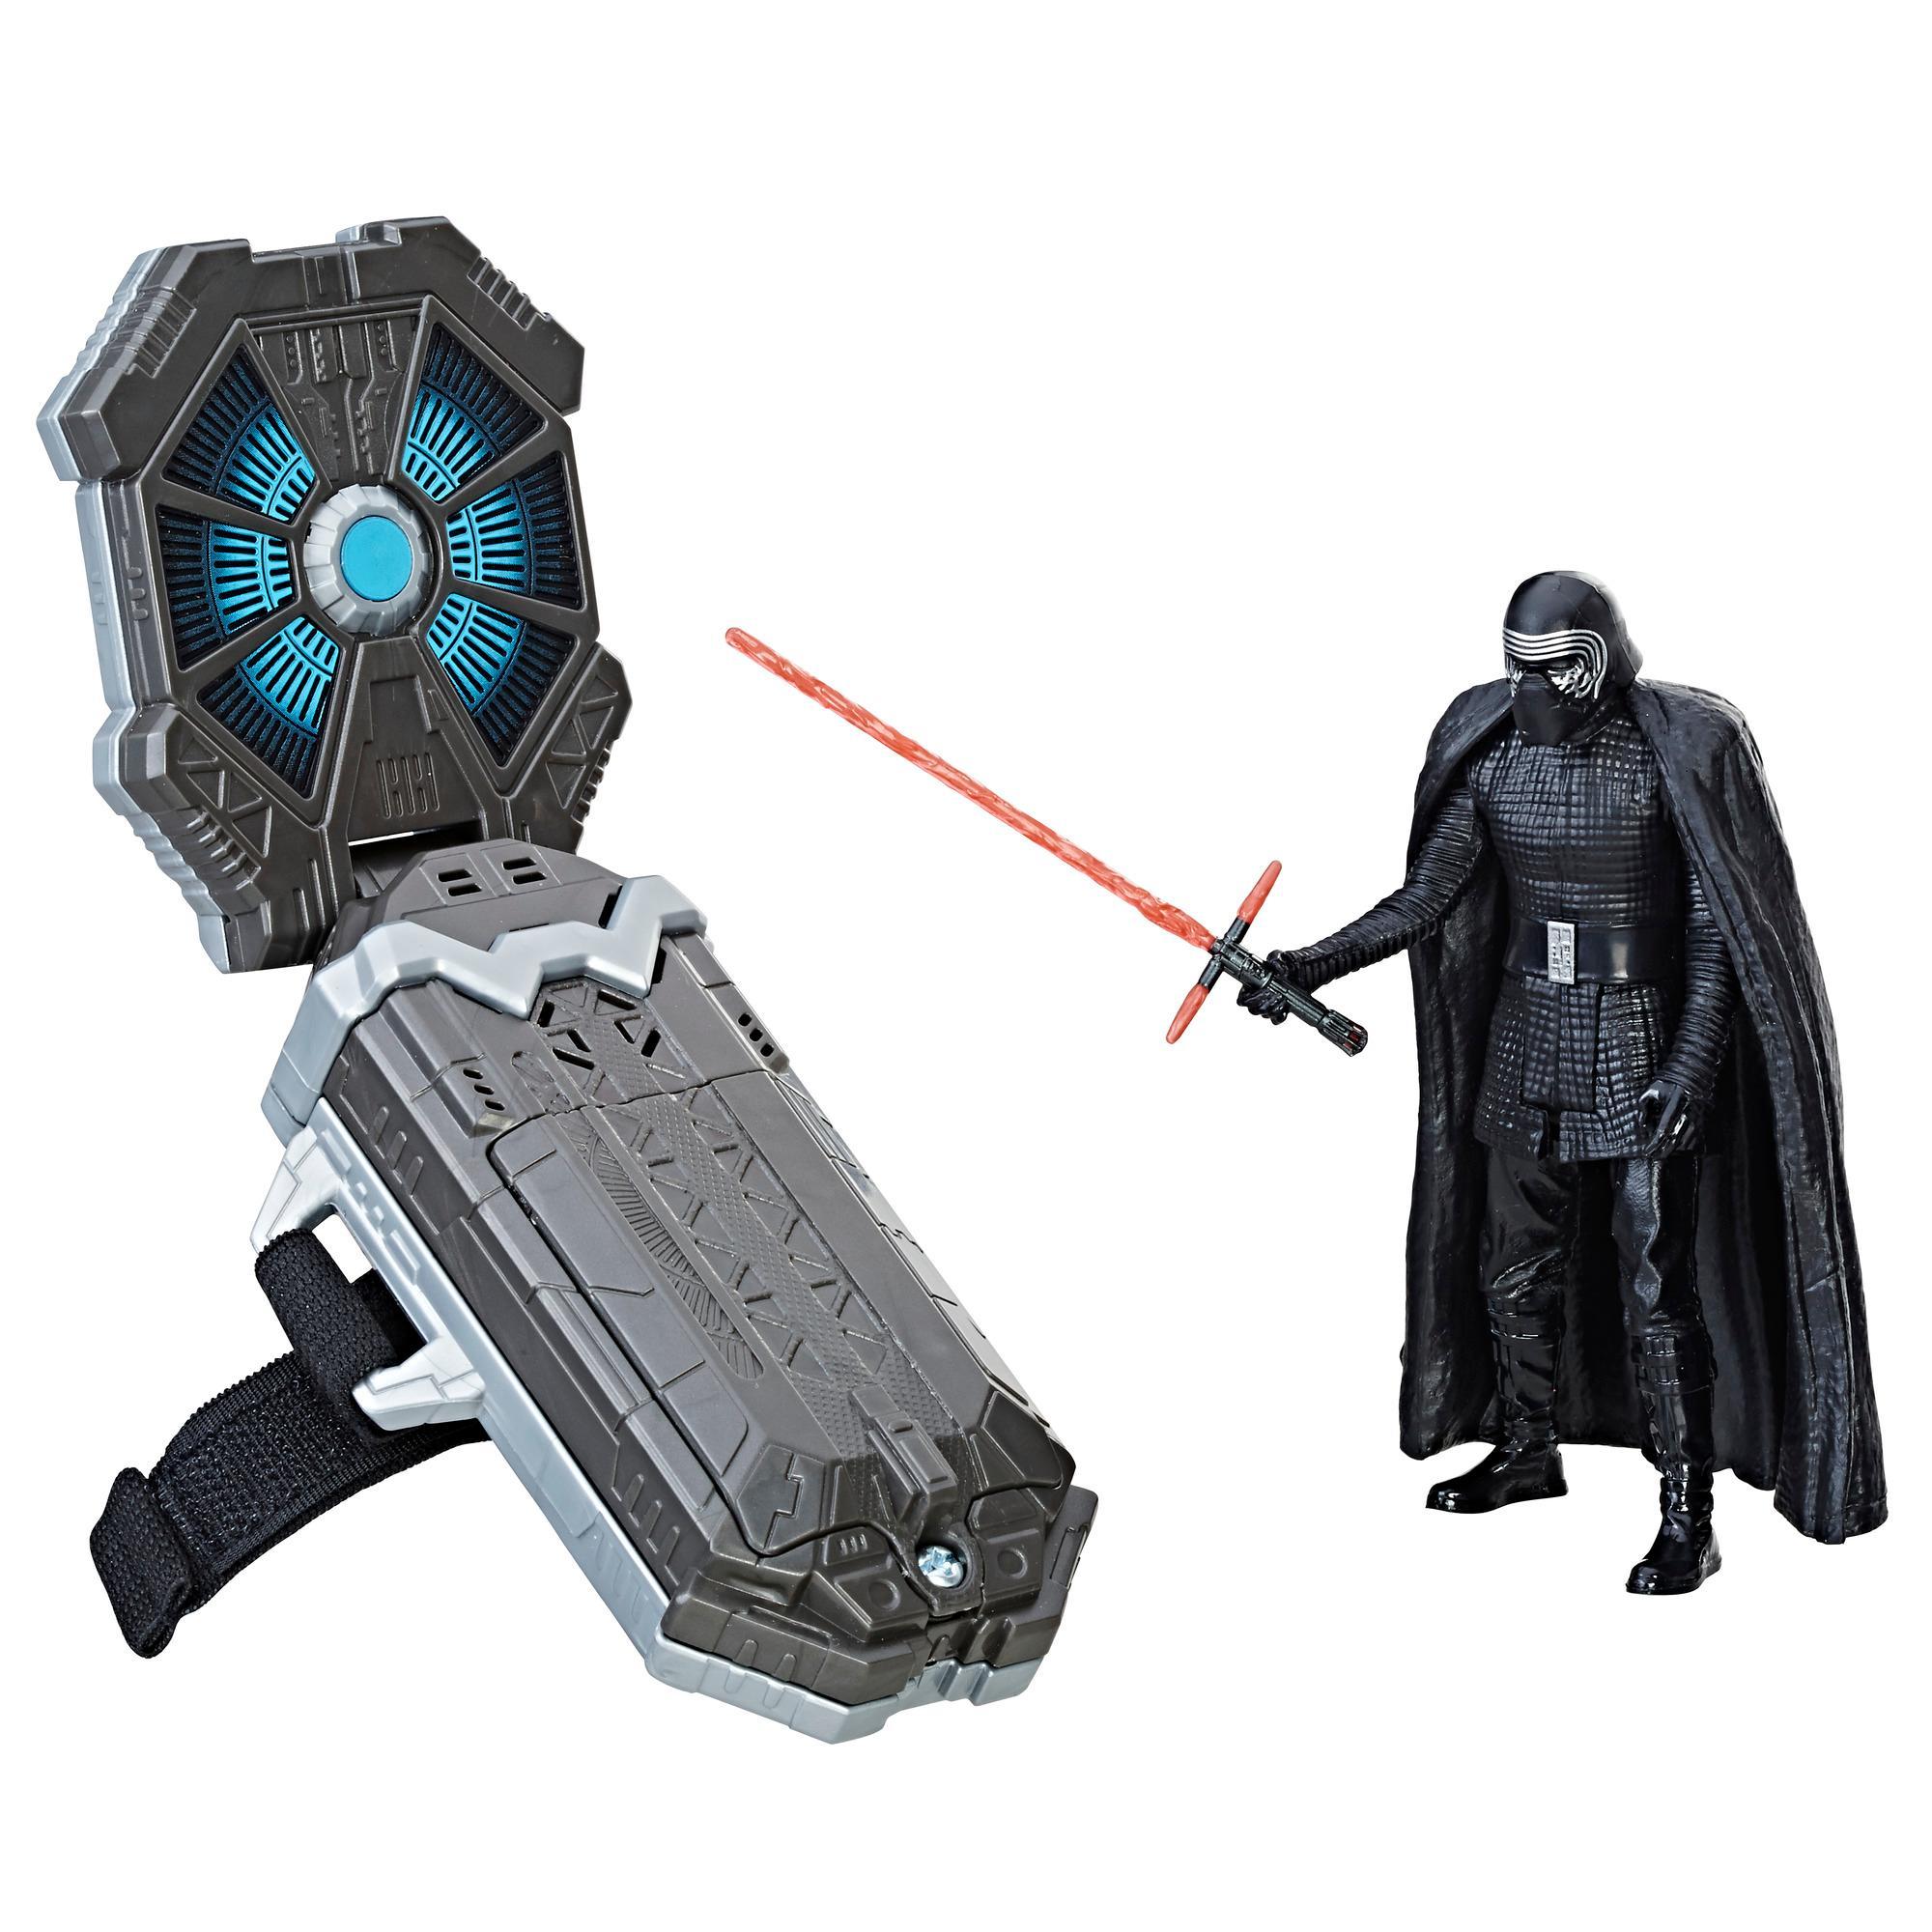 Star Wars Force Link Starter Set including Force Link